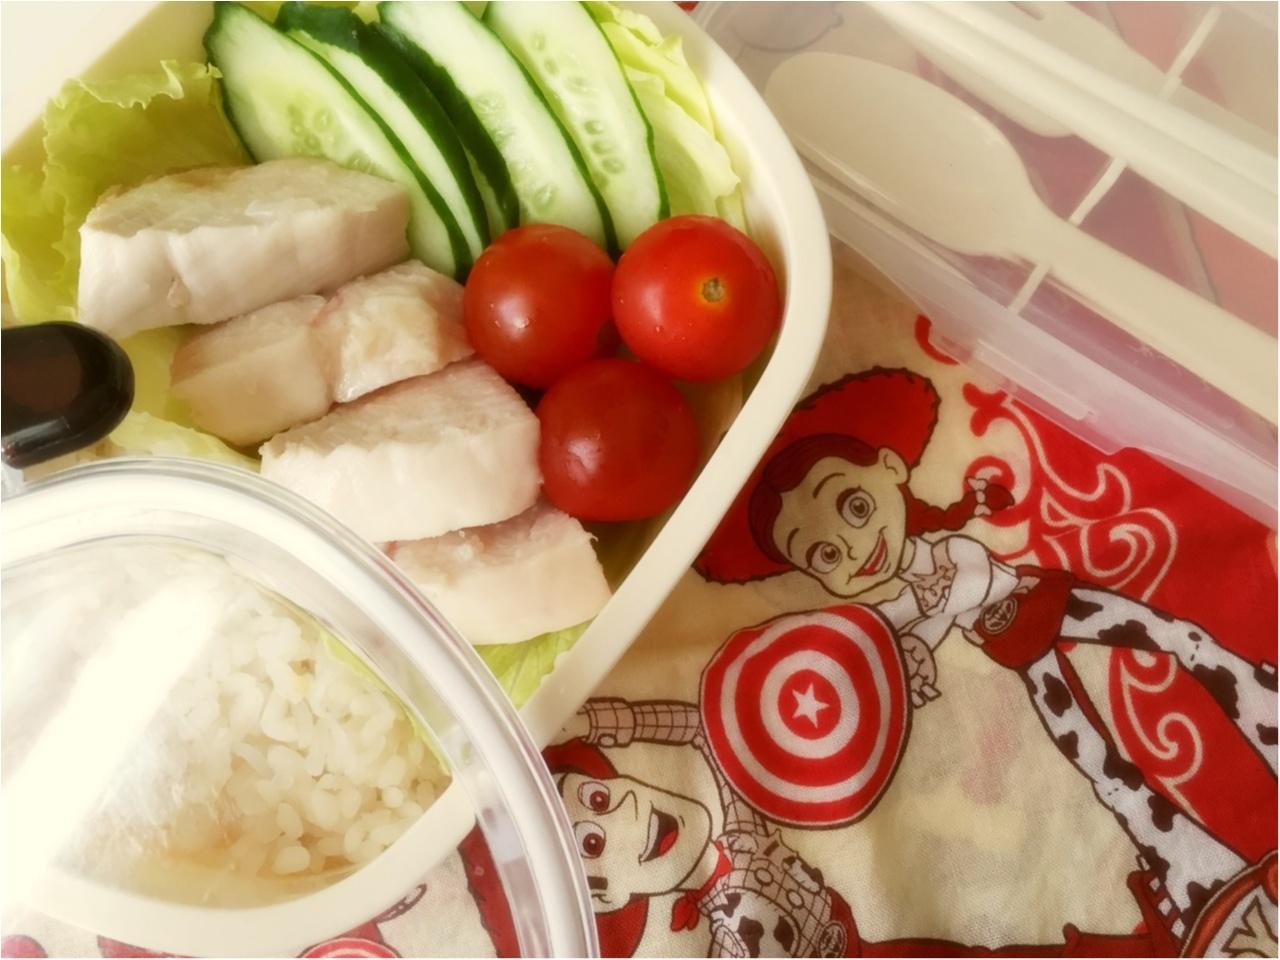 シンガポールチキンライスを作ってみました!使えるおすすめ食器も紹介しています♡*_3